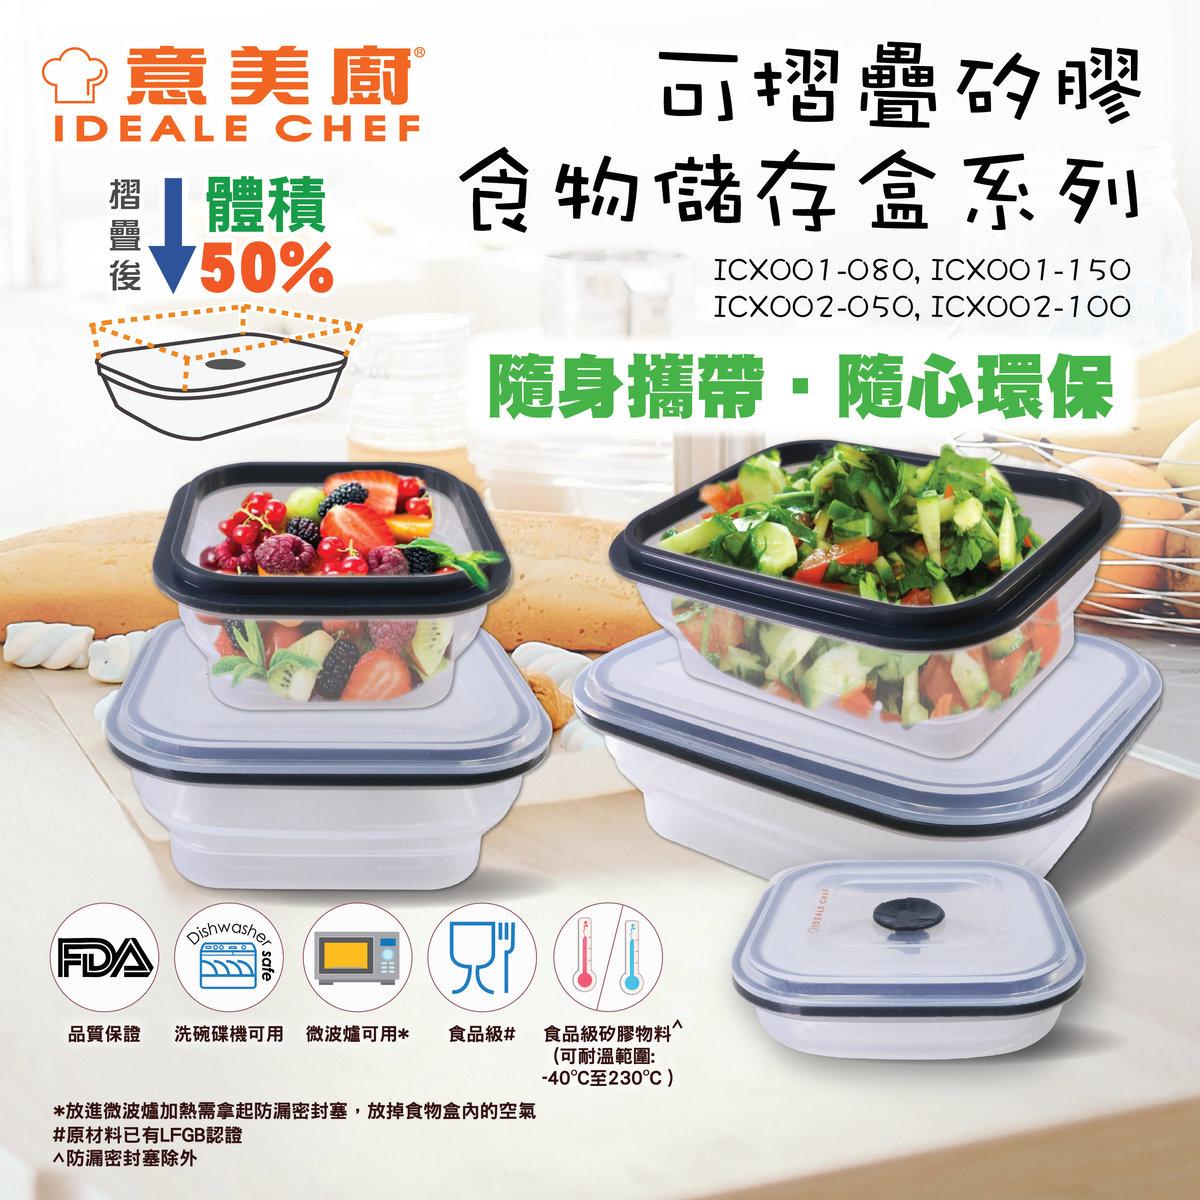 Elegant Cuisine Ideale Warranty